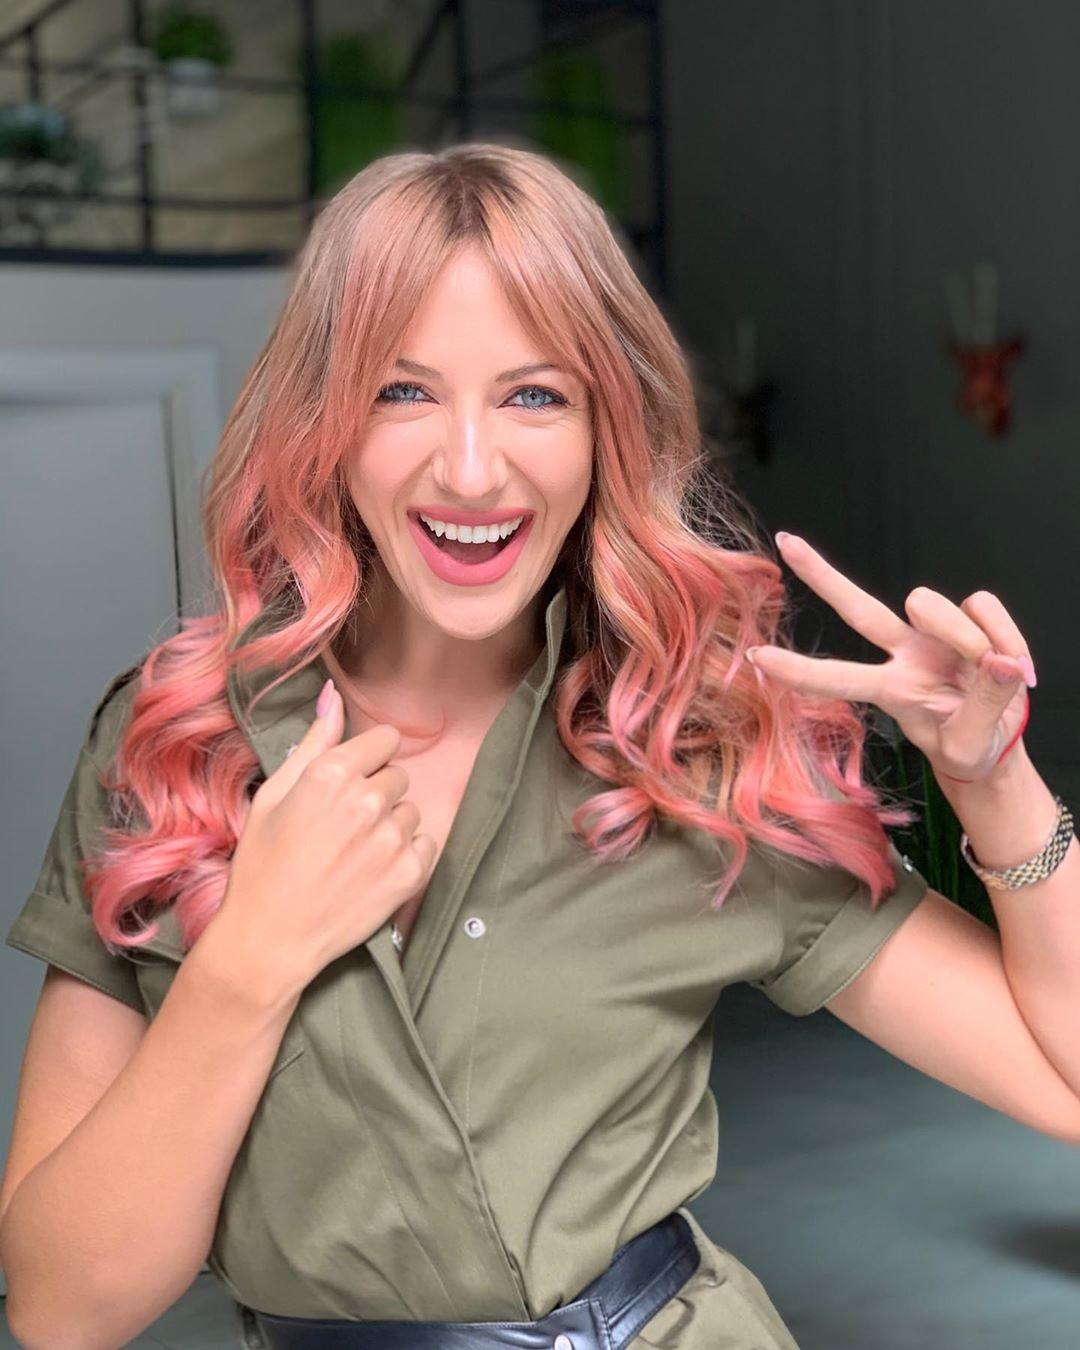 """""""Психанула"""": Леся Нікітюк перефарбувала волосся в екстремальний колір і поцілувалася з дівчиною"""